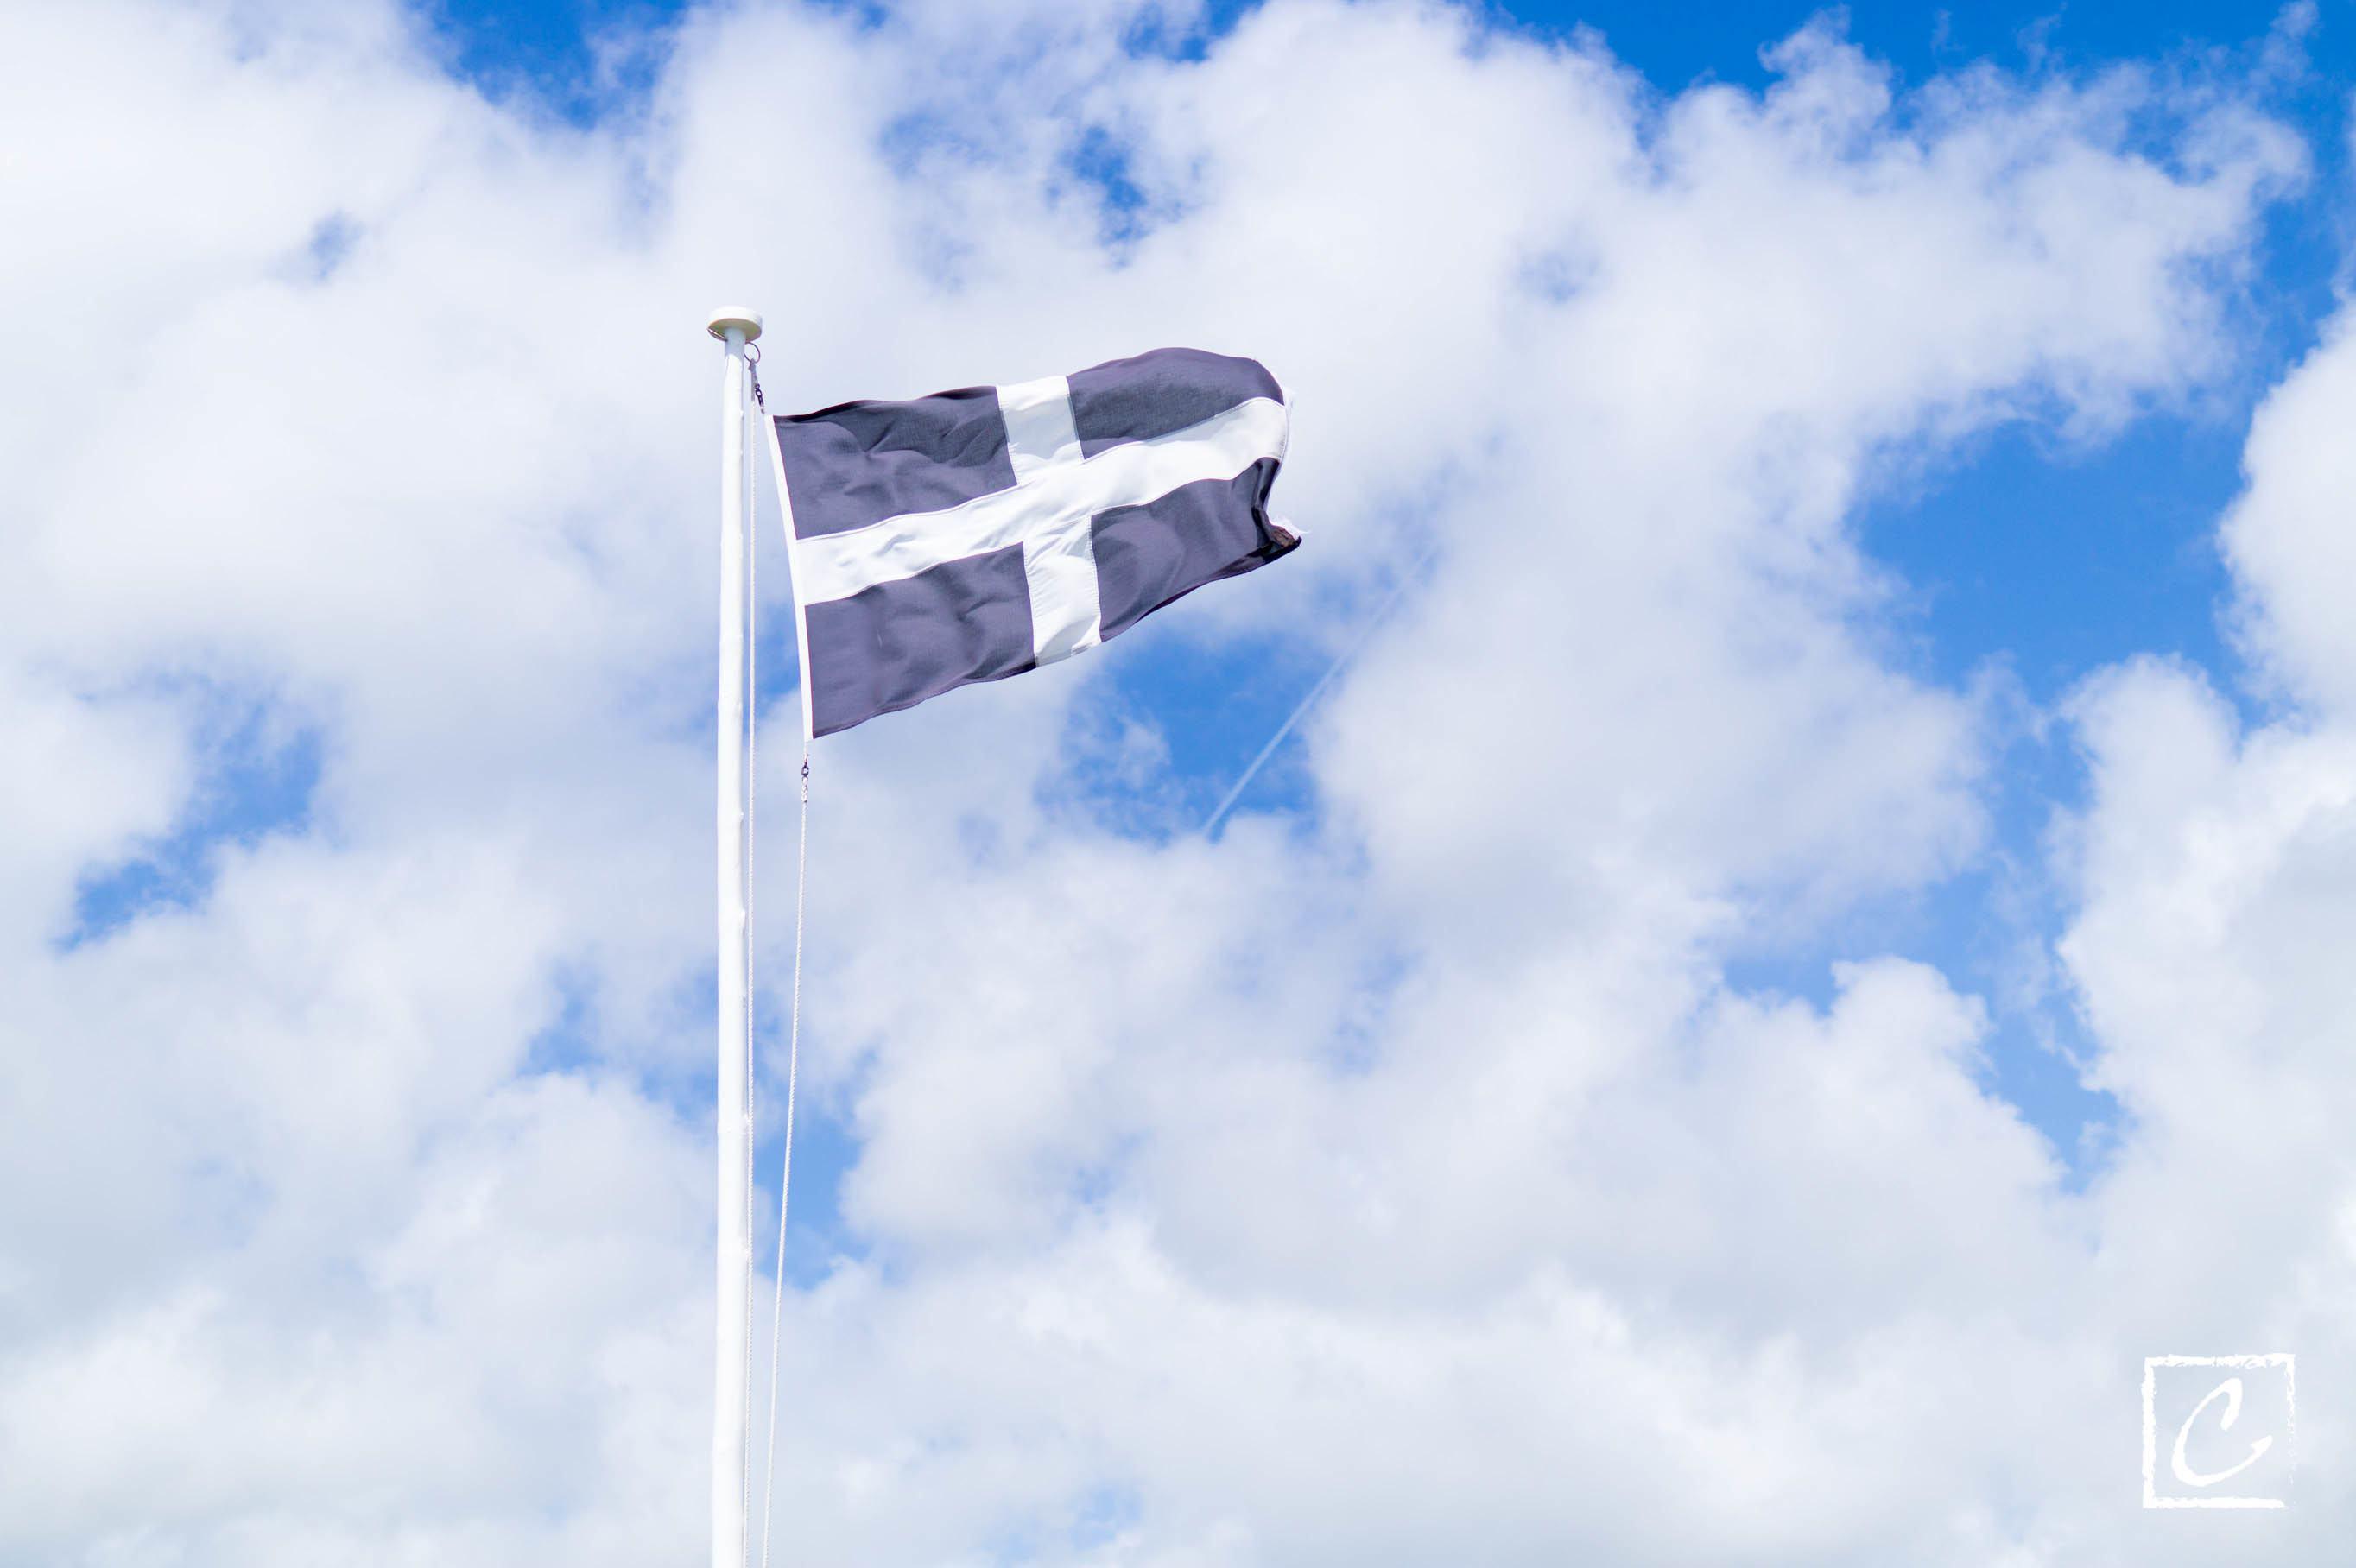 康沃尔郡郡旗